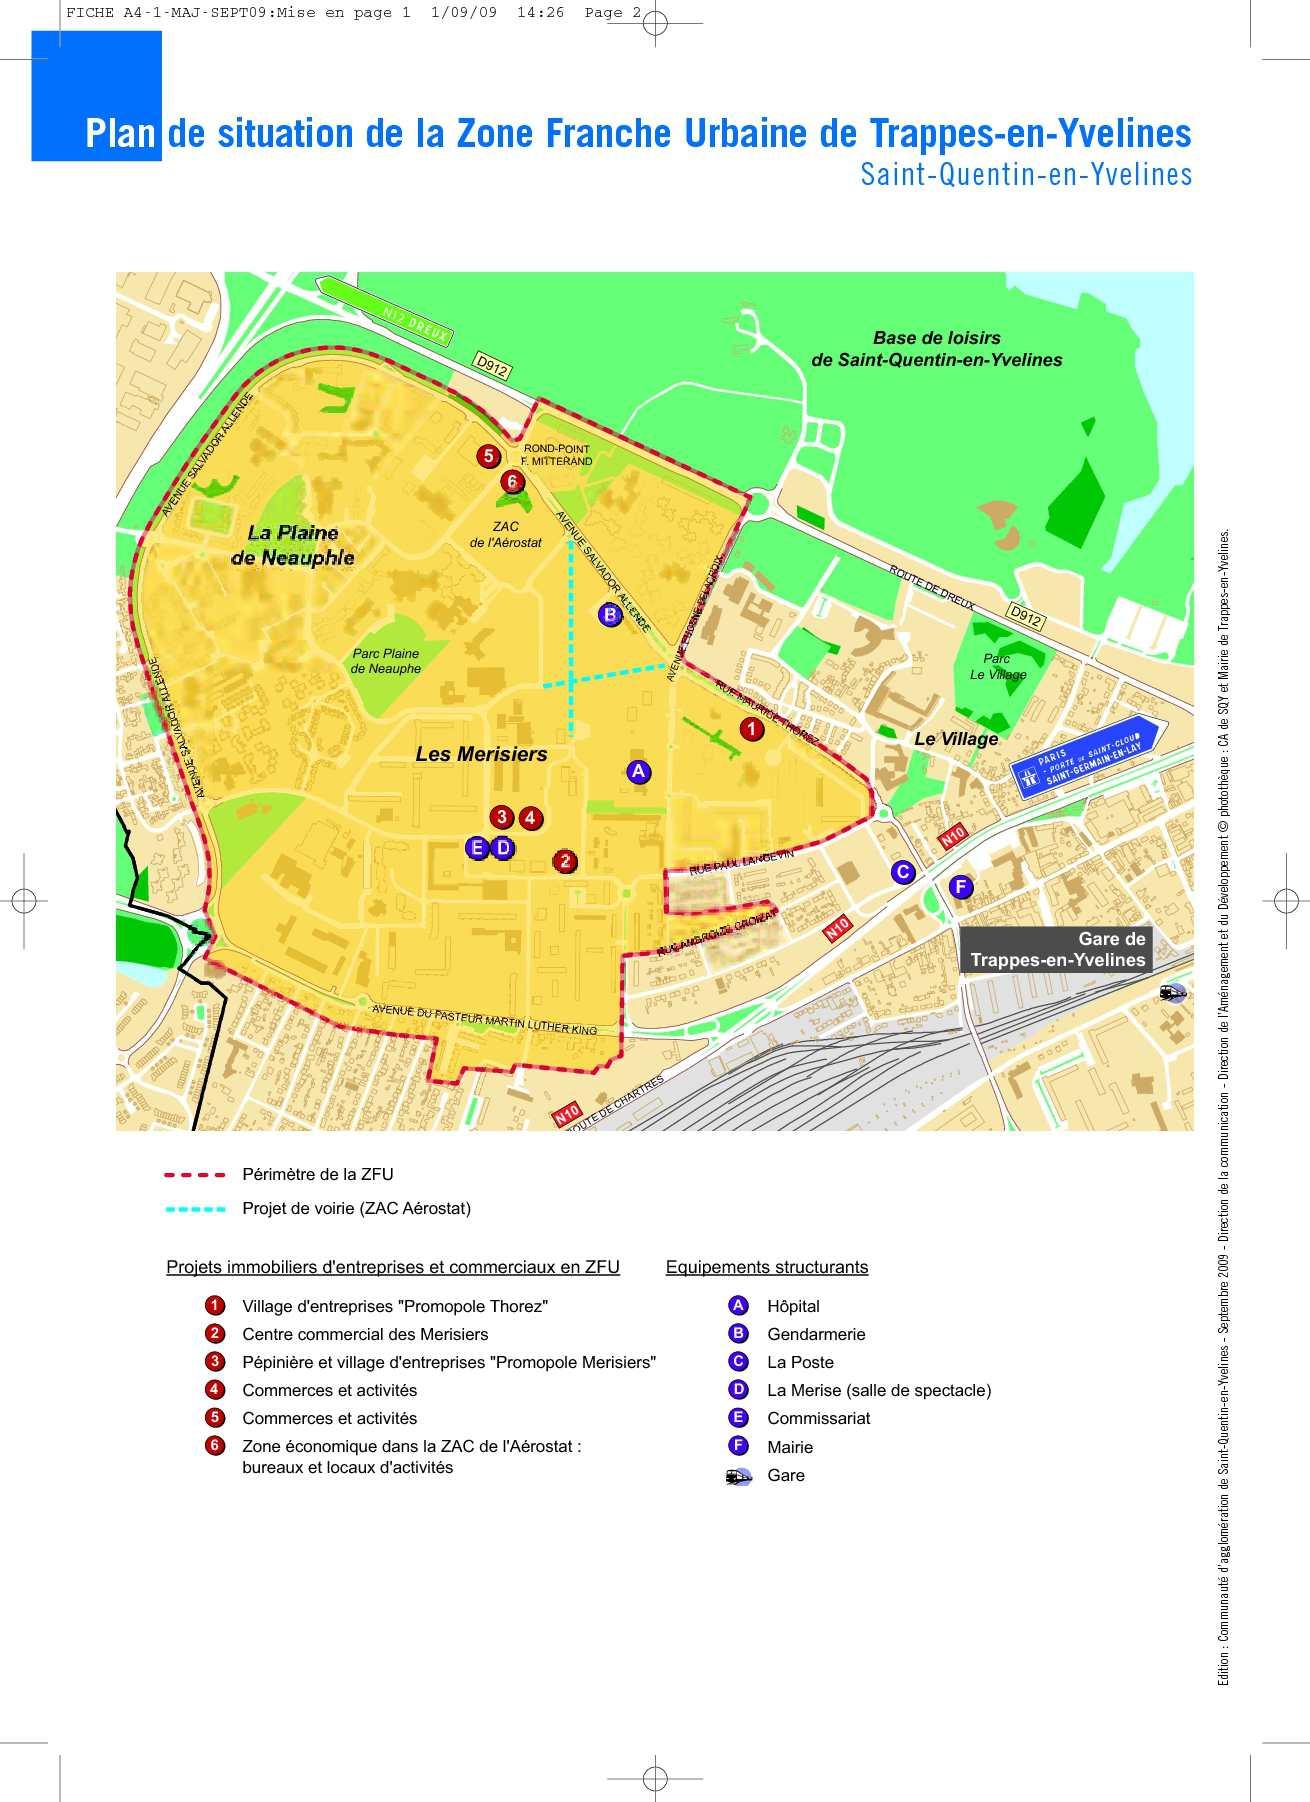 Calam o carte d 39 implantation de la zfu de trappes sqy for Parc de loisirs yvelines